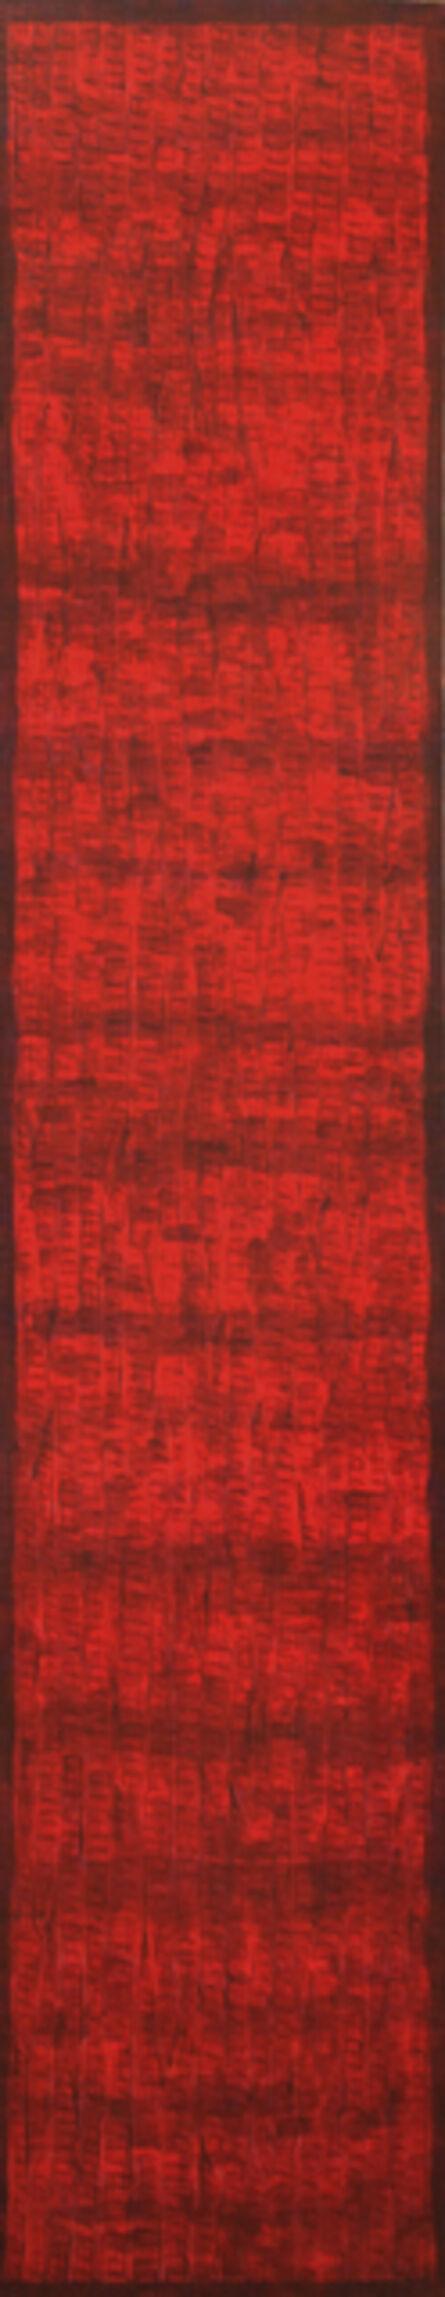 Jiang Weitao 蒋巍涛, 'Art Document', 2009